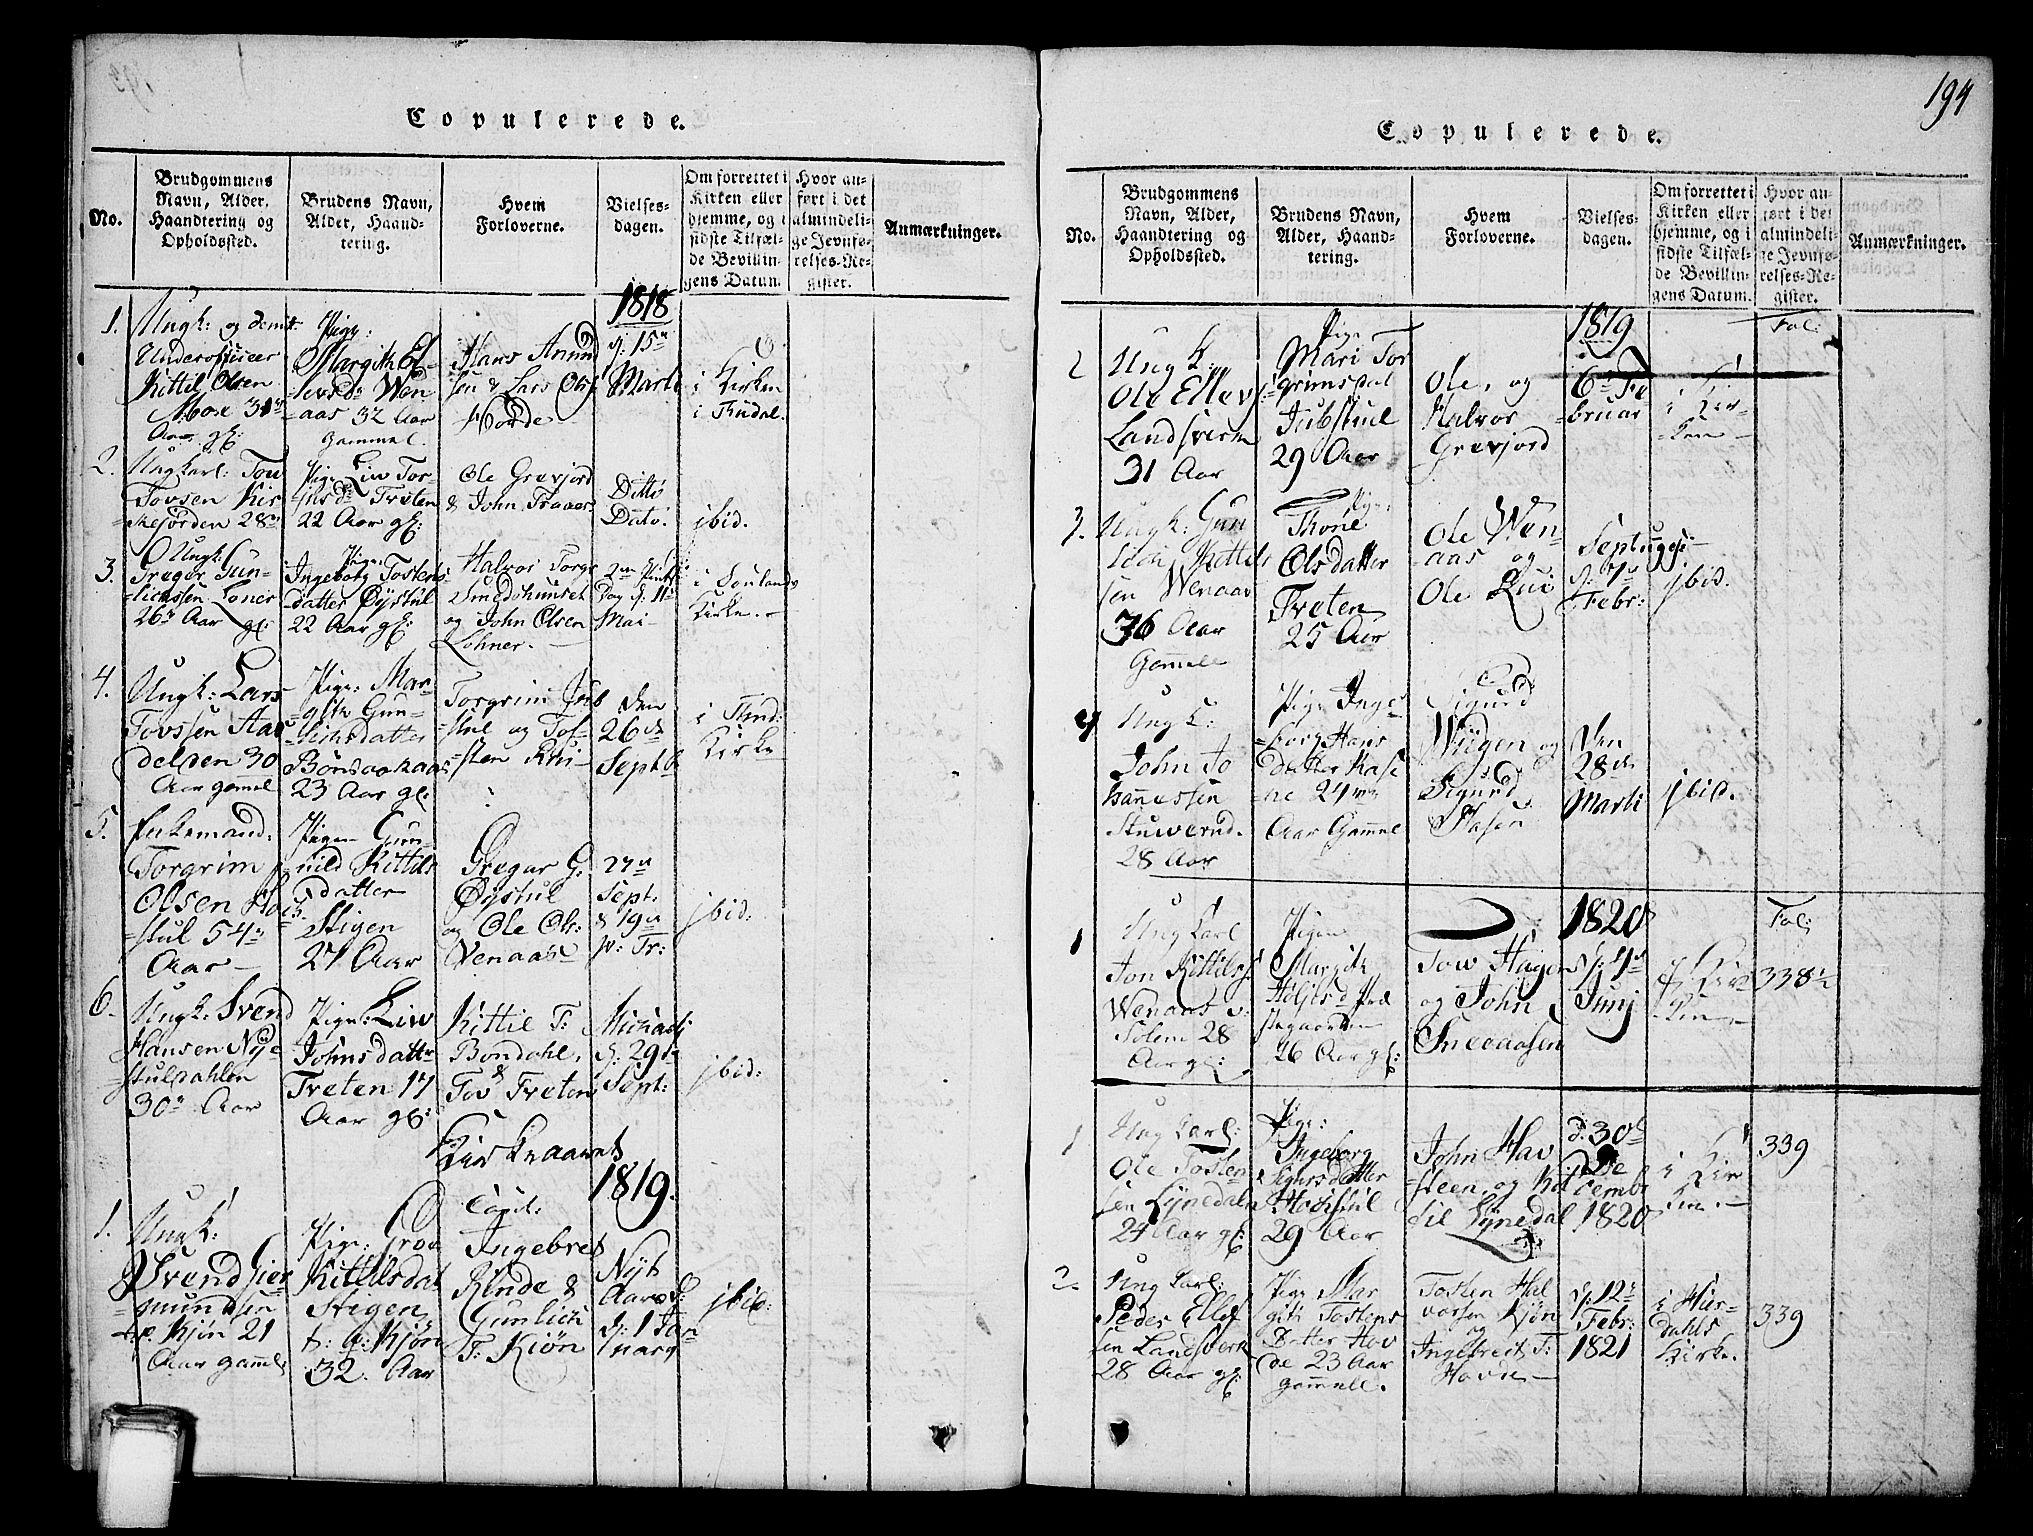 SAKO, Hjartdal kirkebøker, G/Gc/L0001: Klokkerbok nr. III 1, 1815-1842, s. 194